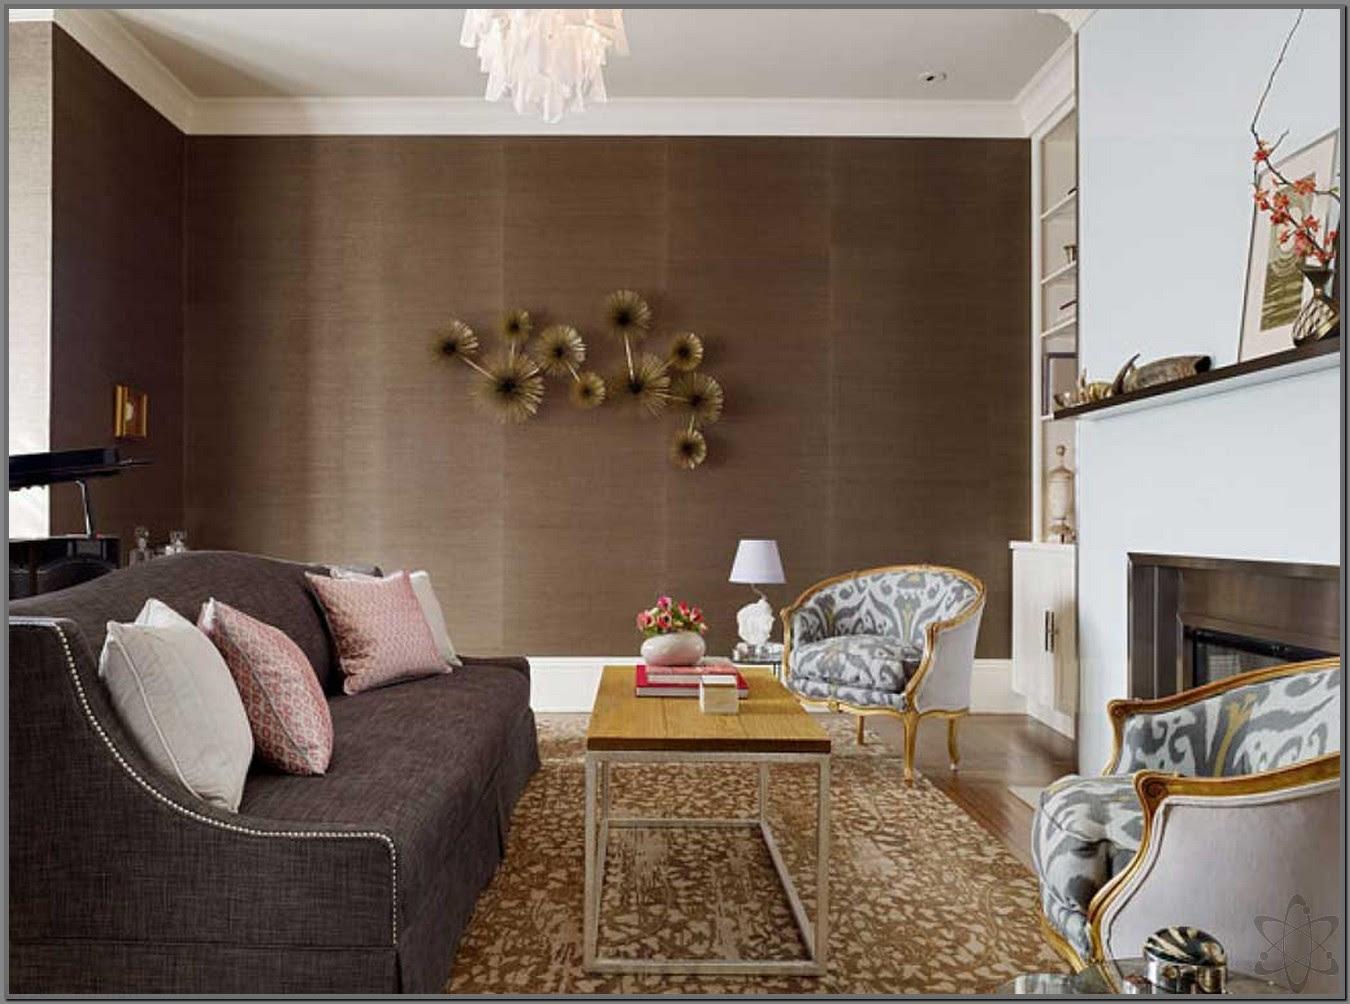 107 Contoh Wallpaper Dinding Ruang Tamu Minimalis Wallpaper Dinding